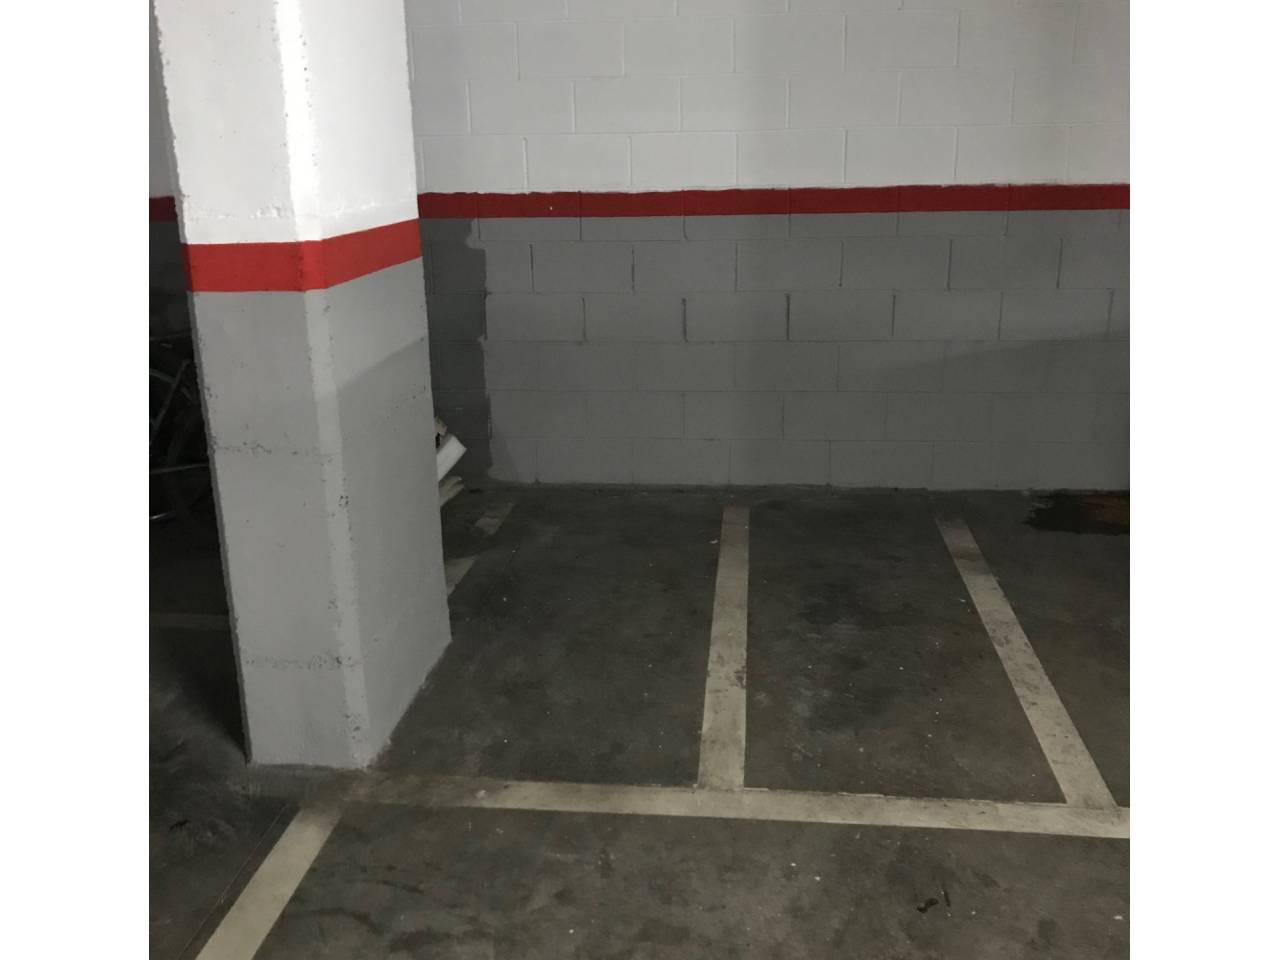 Alquiler Parking coche  Calle angel vidal, 33. Se alquila plaza de parking para moto en el centro de sitges en